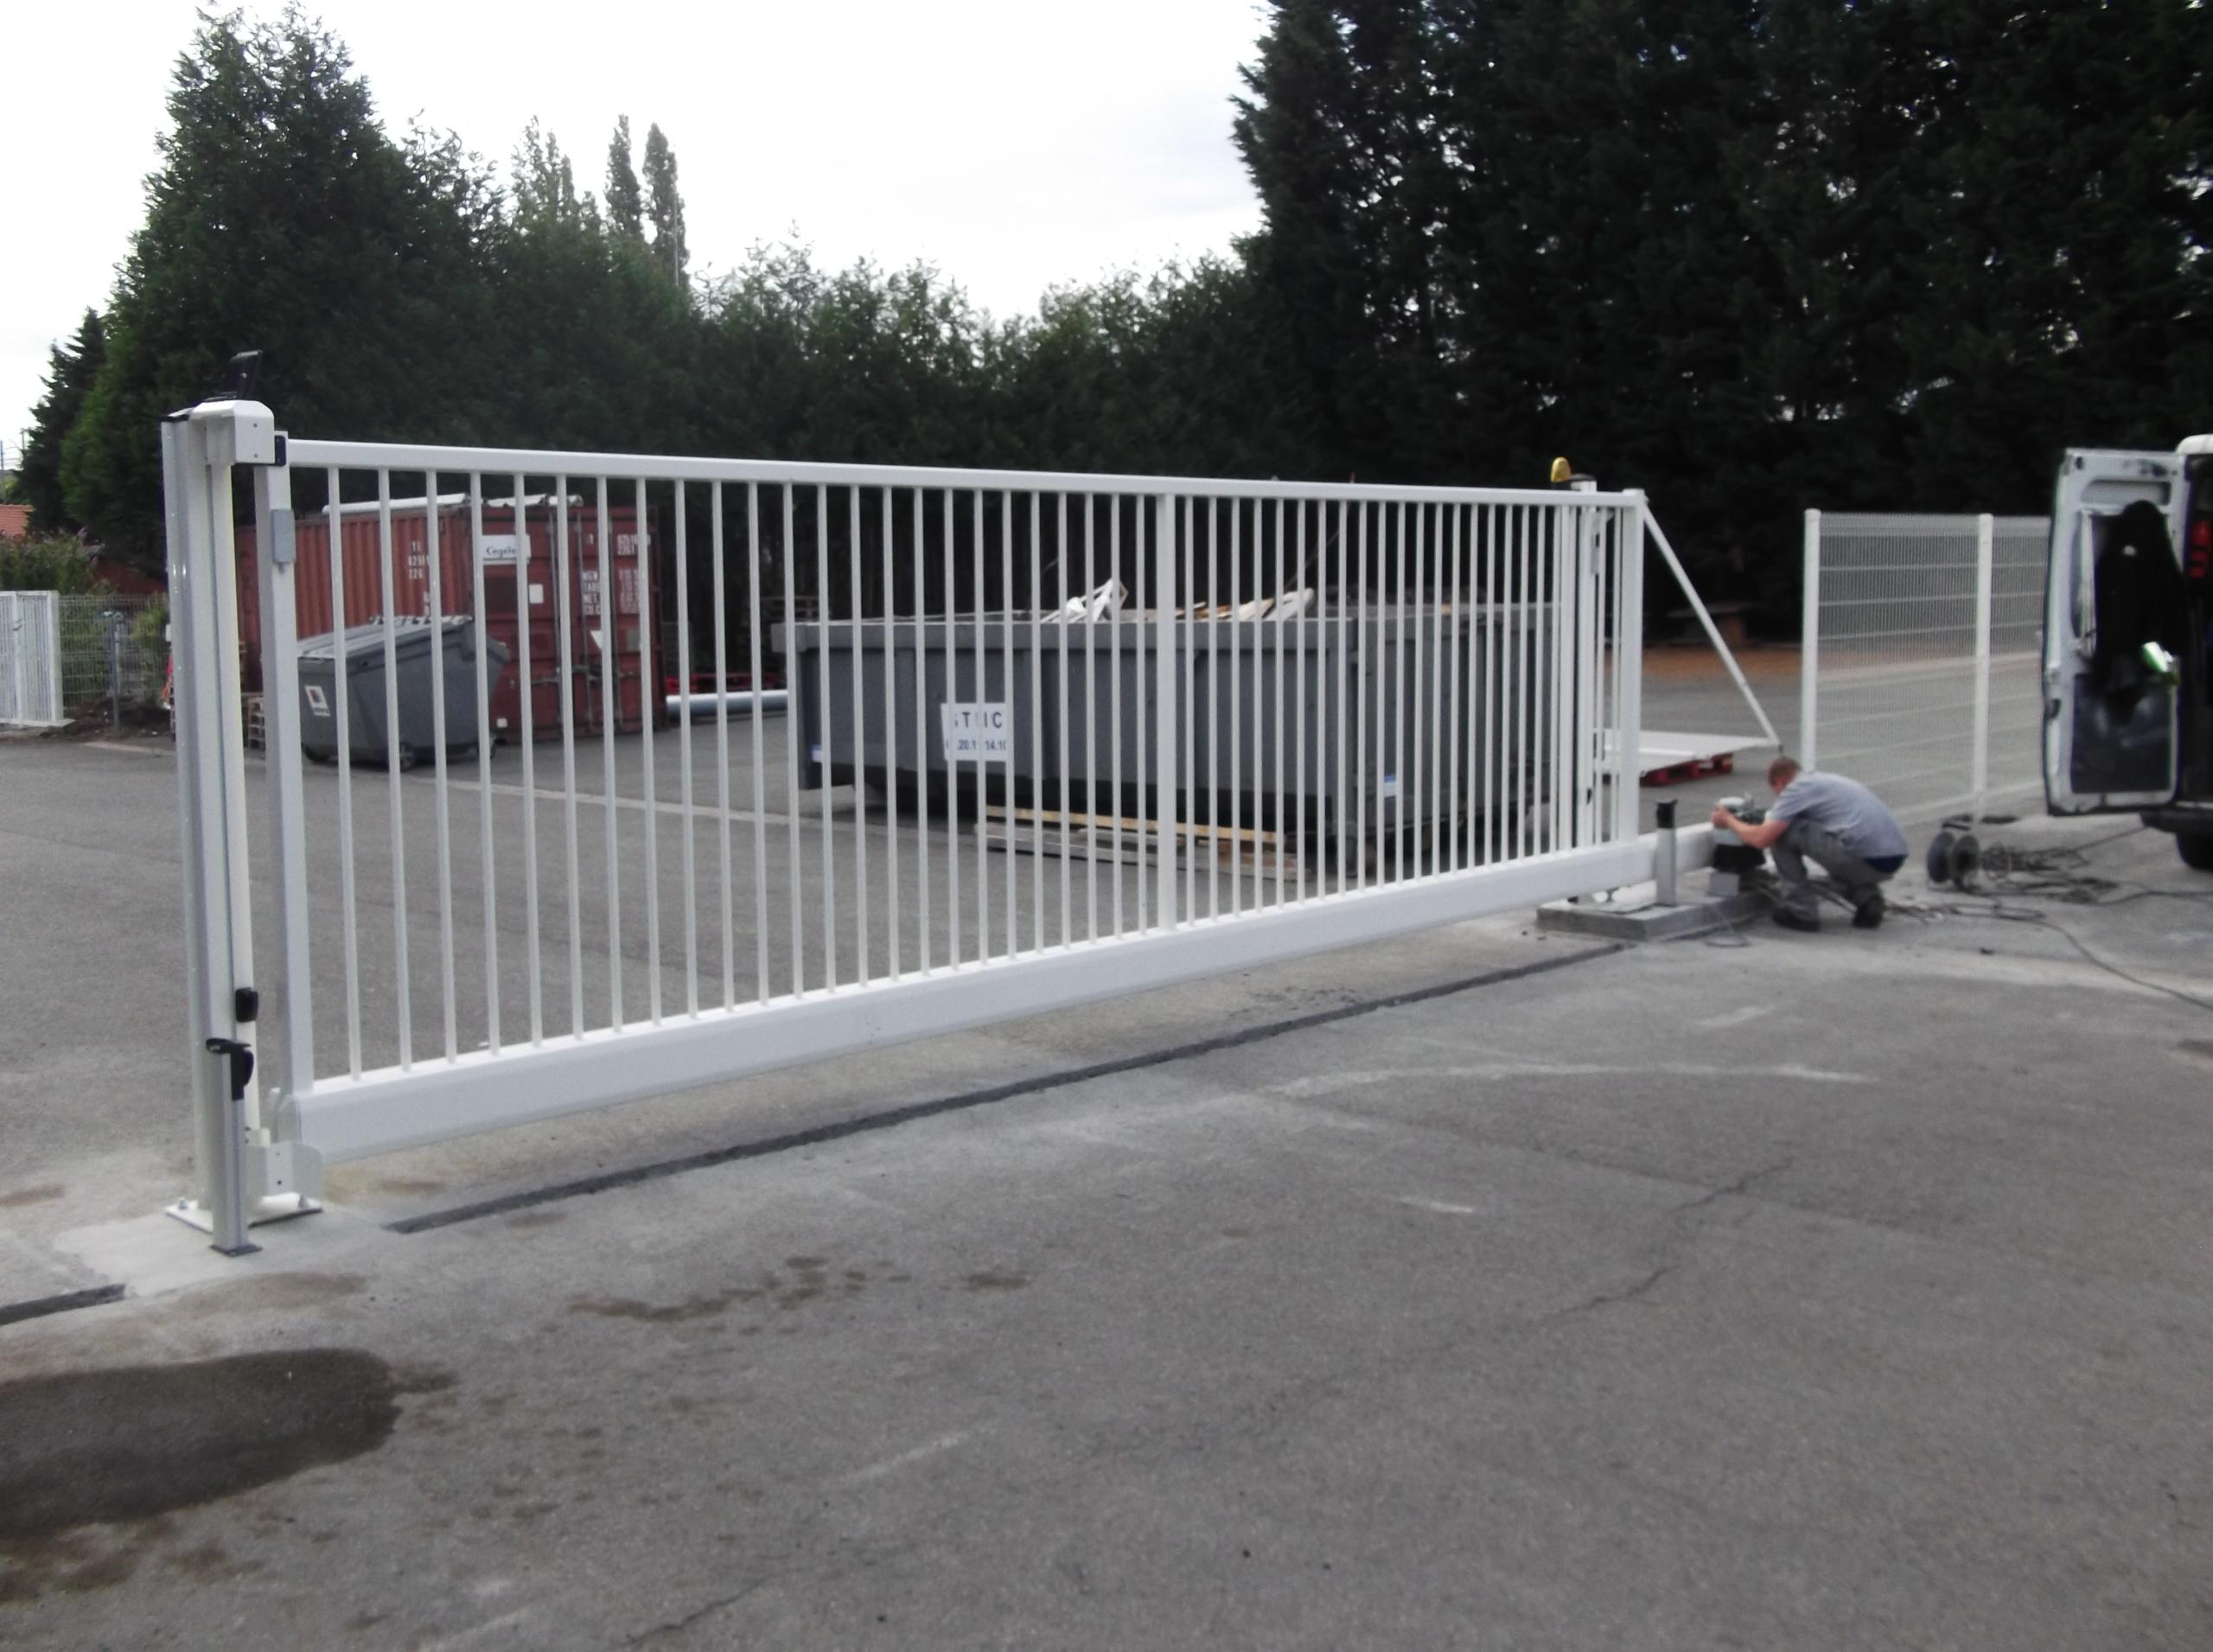 Sécurisation d'un site industriel + portail coulissant motorisé autoportant